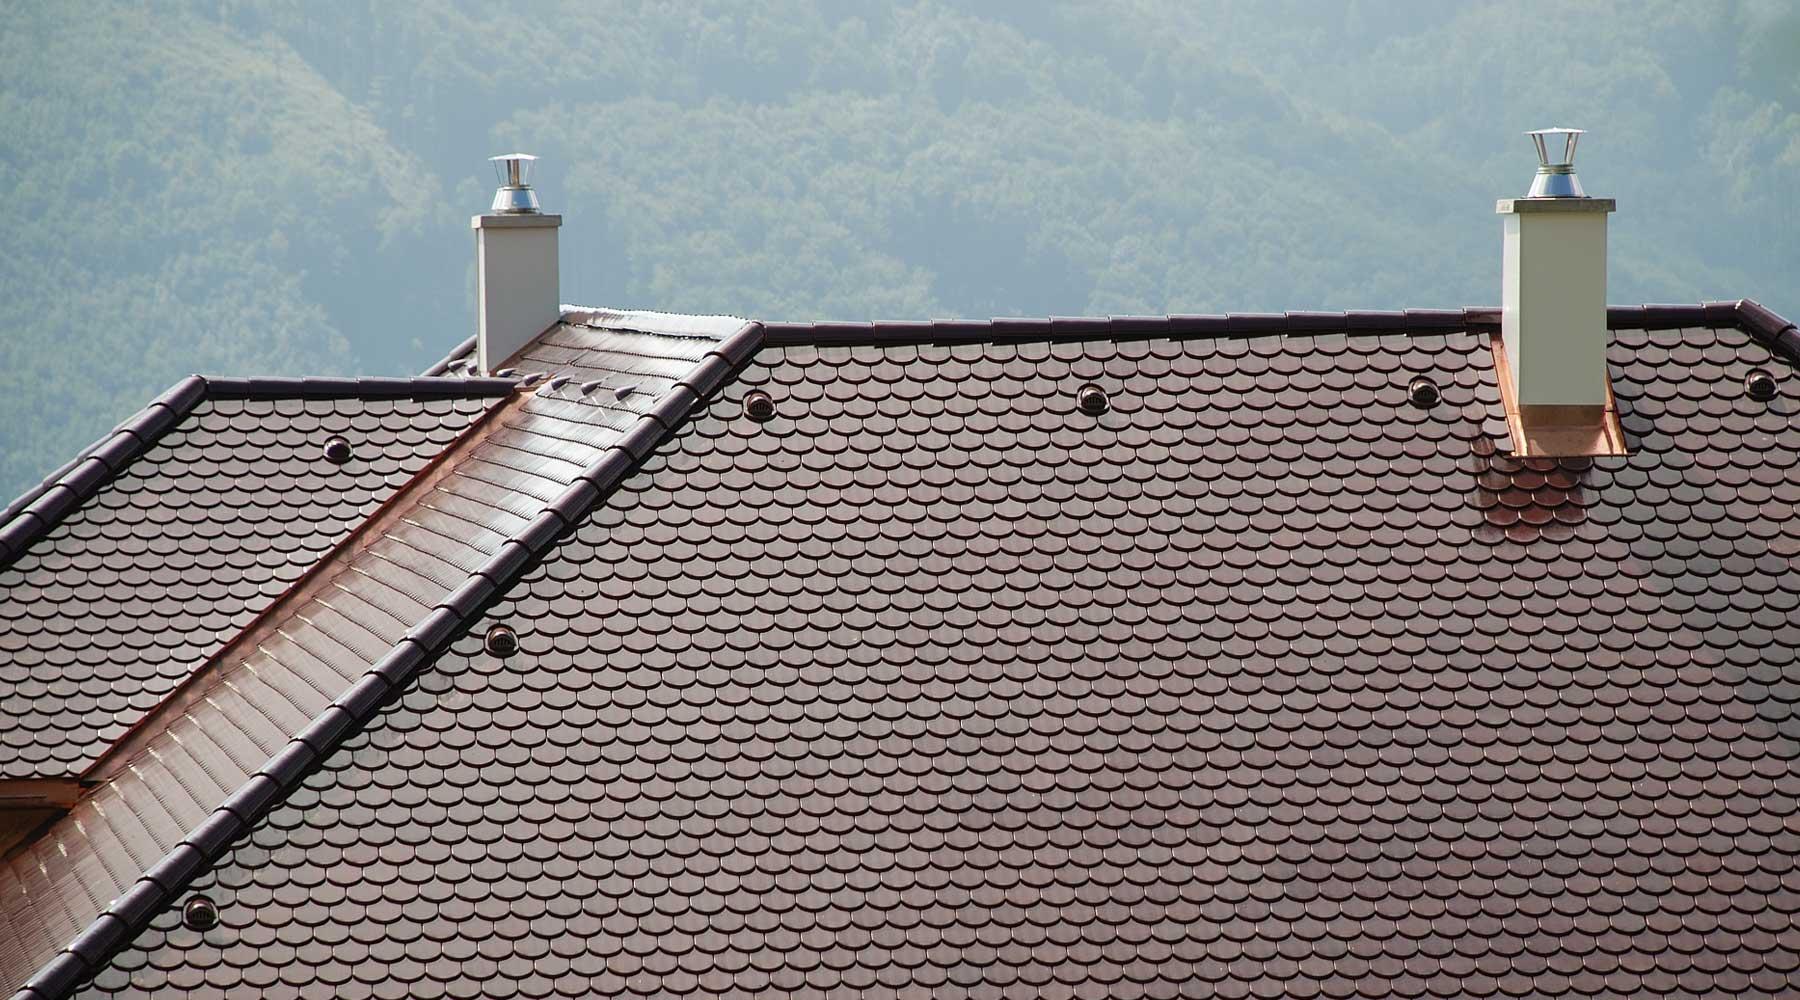 Komín nad střechou.